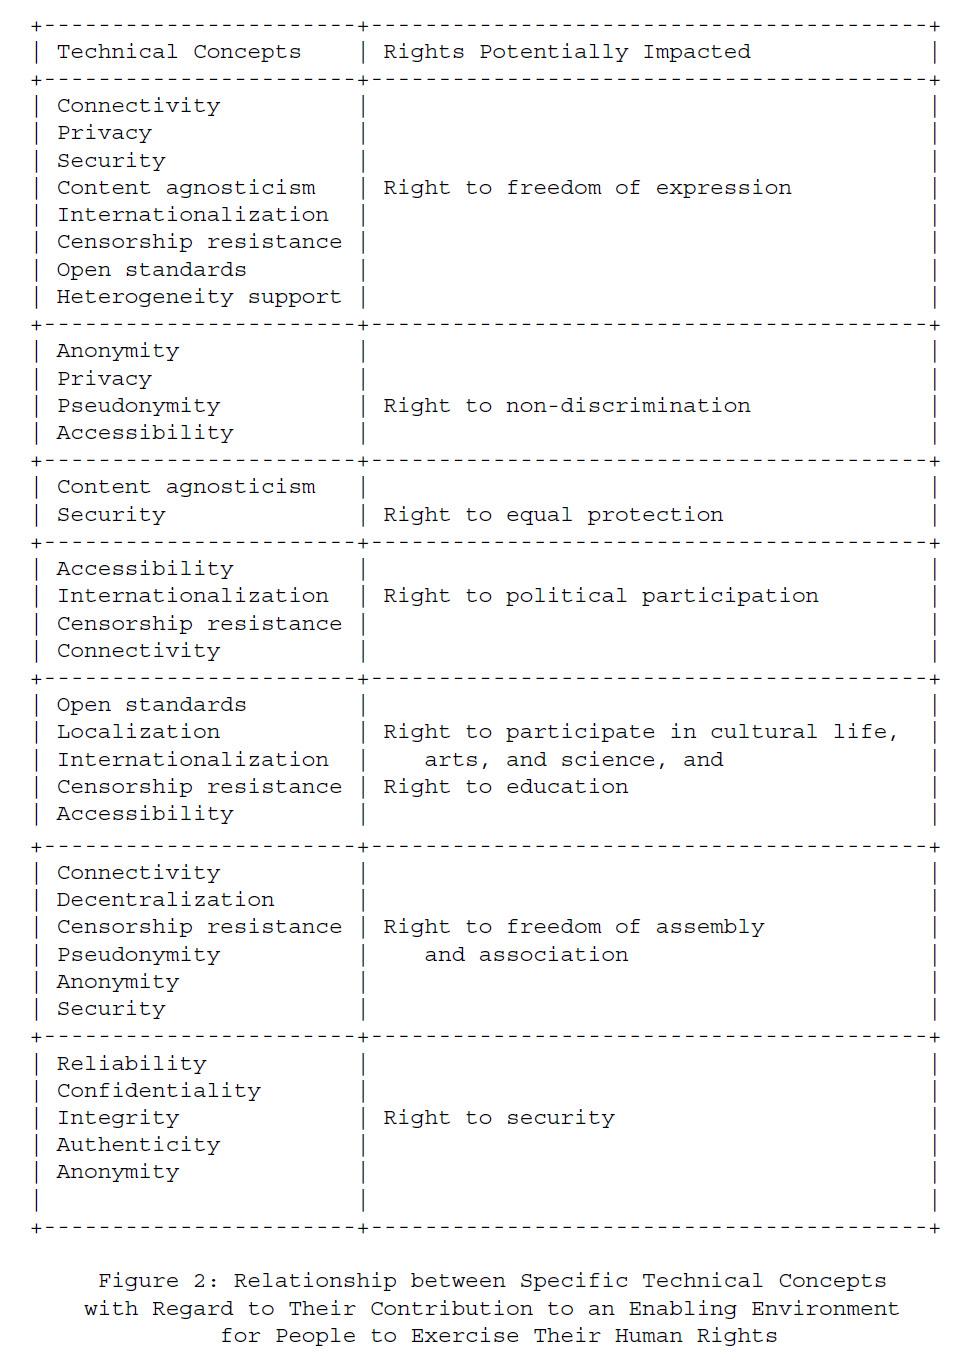 Рисунок 2 - Взаимосвязь между конкретными техническими концепциями в отношении их вклада в благоприятную среду для осуществления людьми своих прав